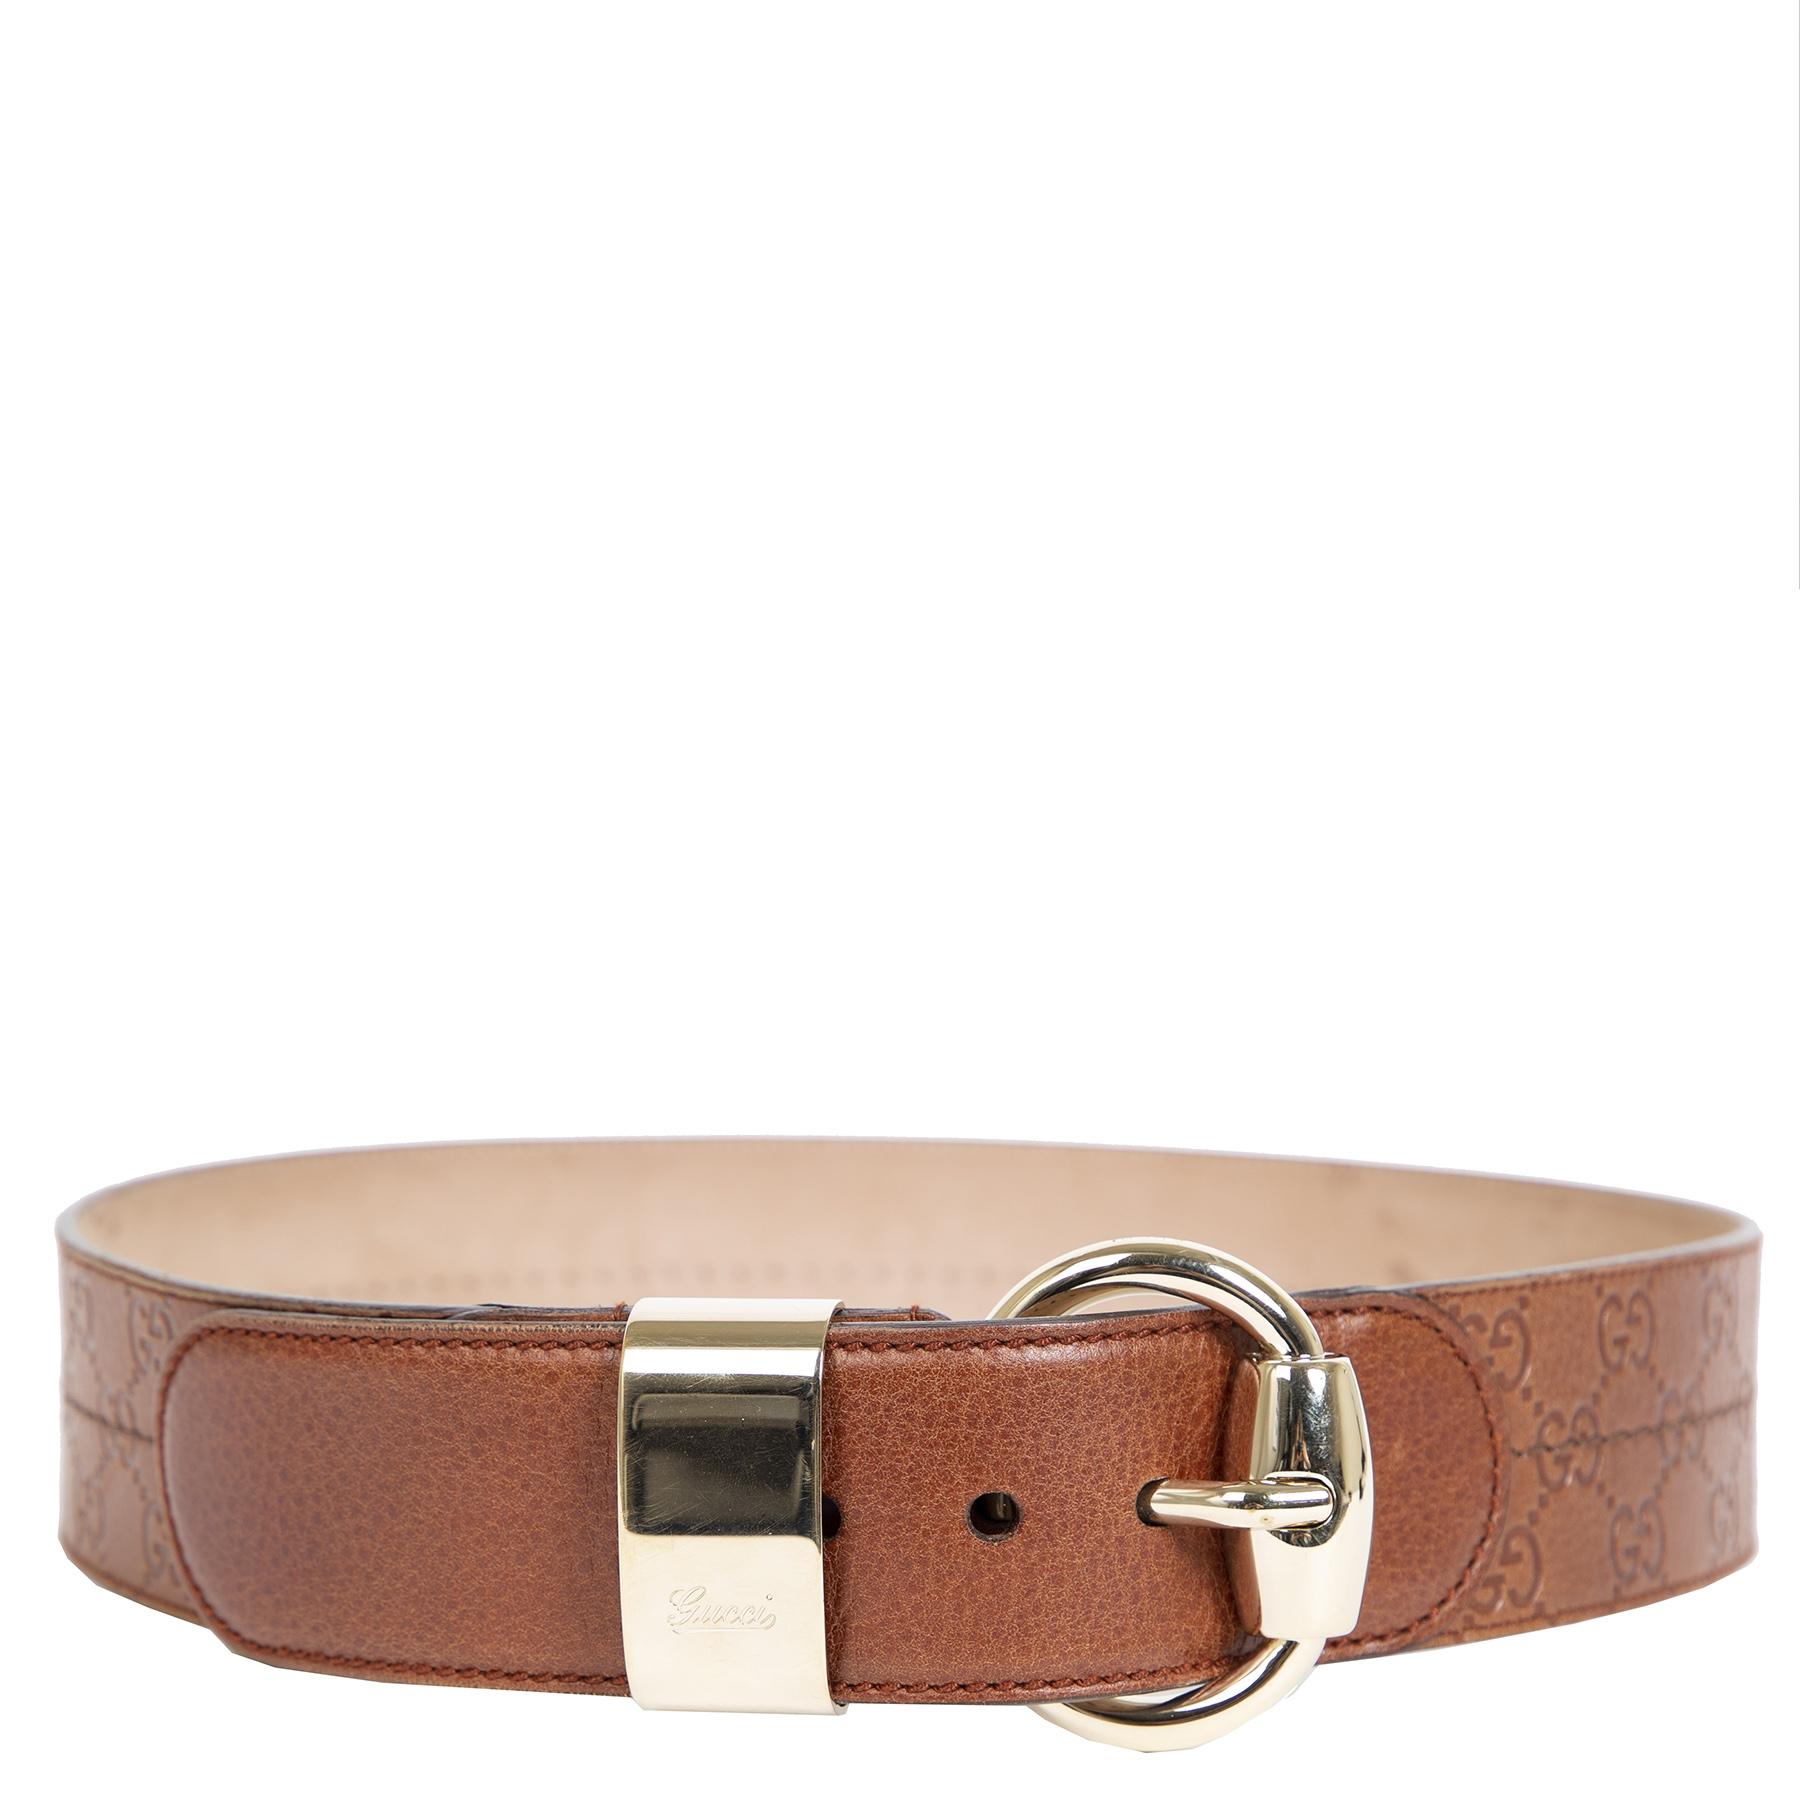 Authentieke Tweedehands Gucci Brown Leather Belt juiste prijs veilig online shoppen luxe merken webshop winkelen Antwerpen België mode fashion